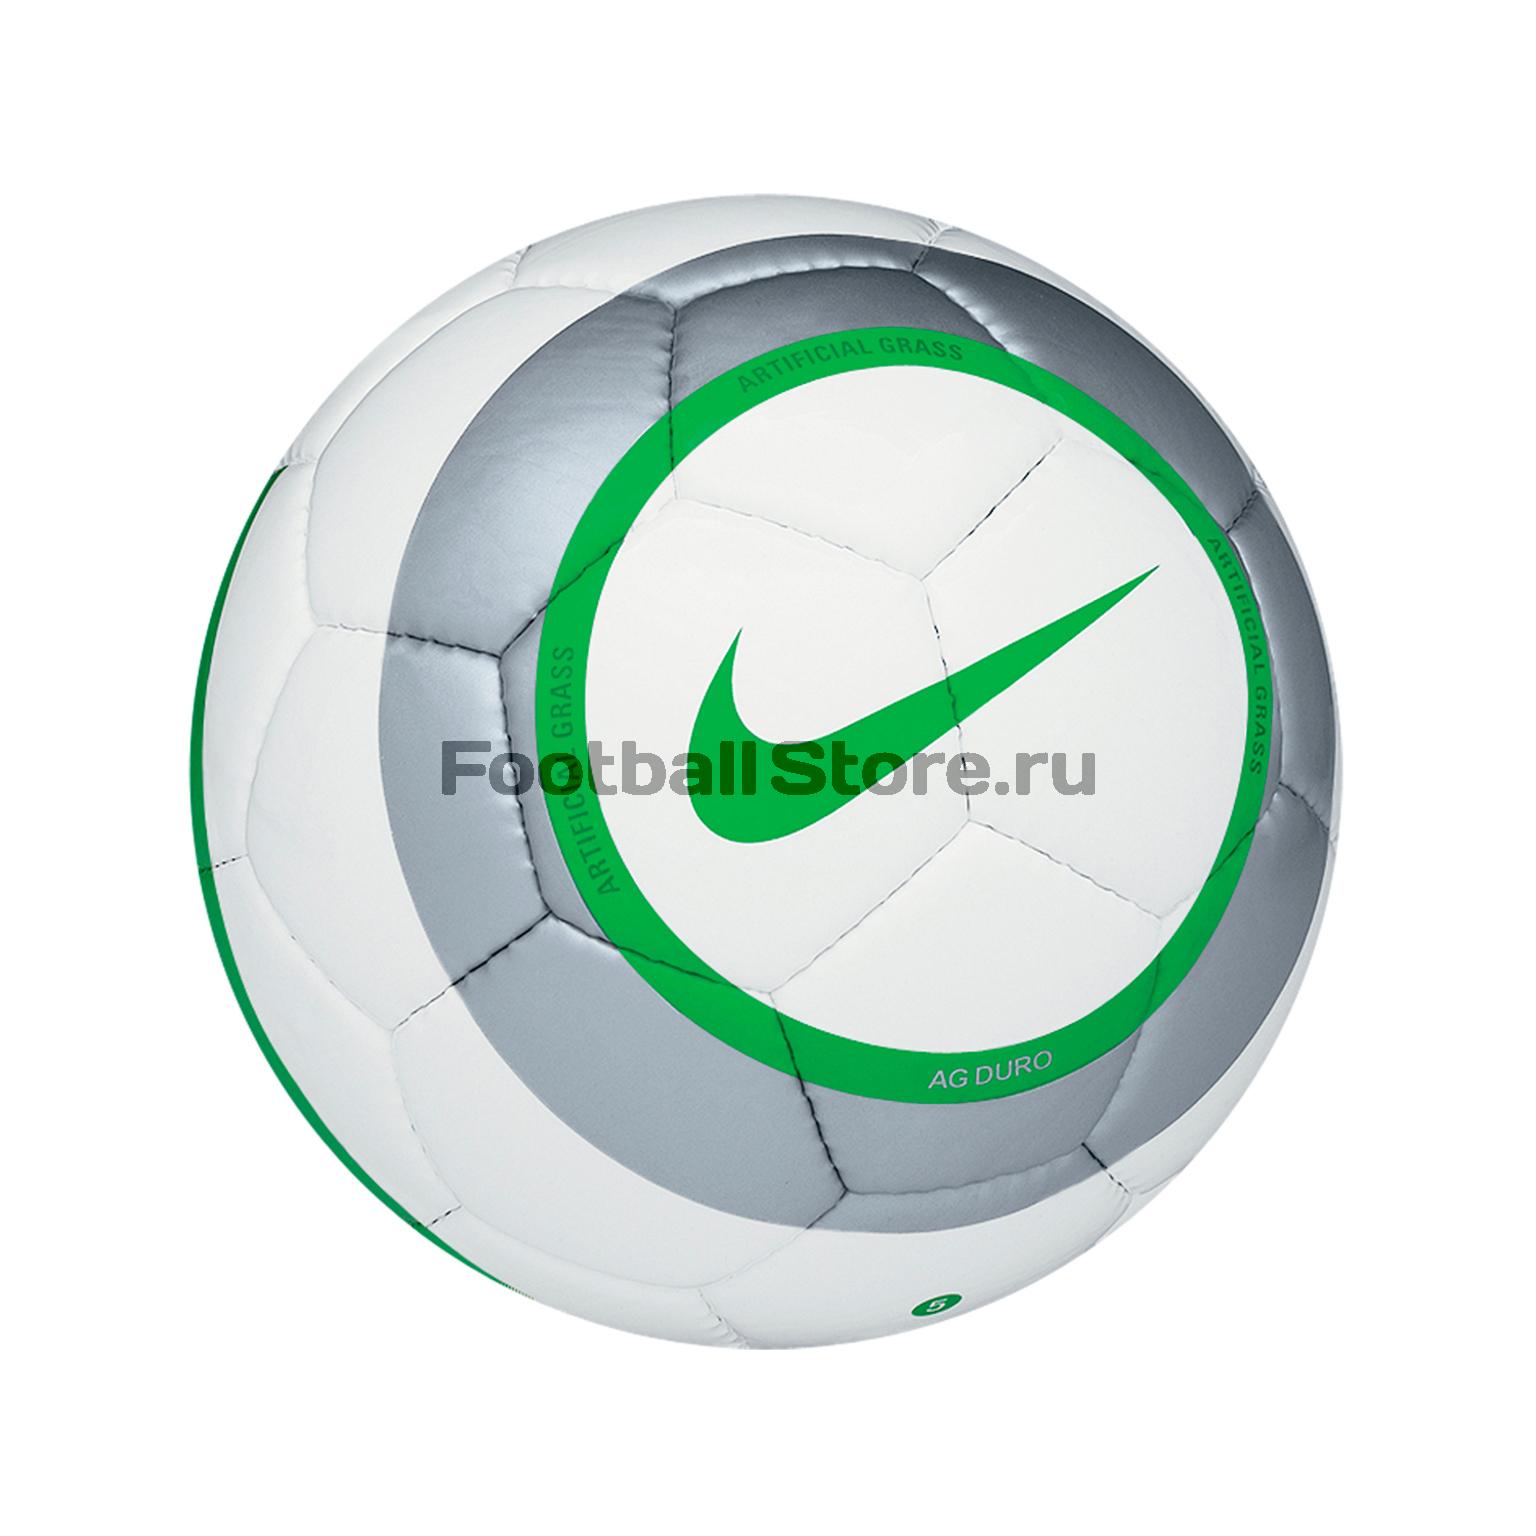 Классические Nike Мяч футбольный Nike T90 AG Duro SC1905-153